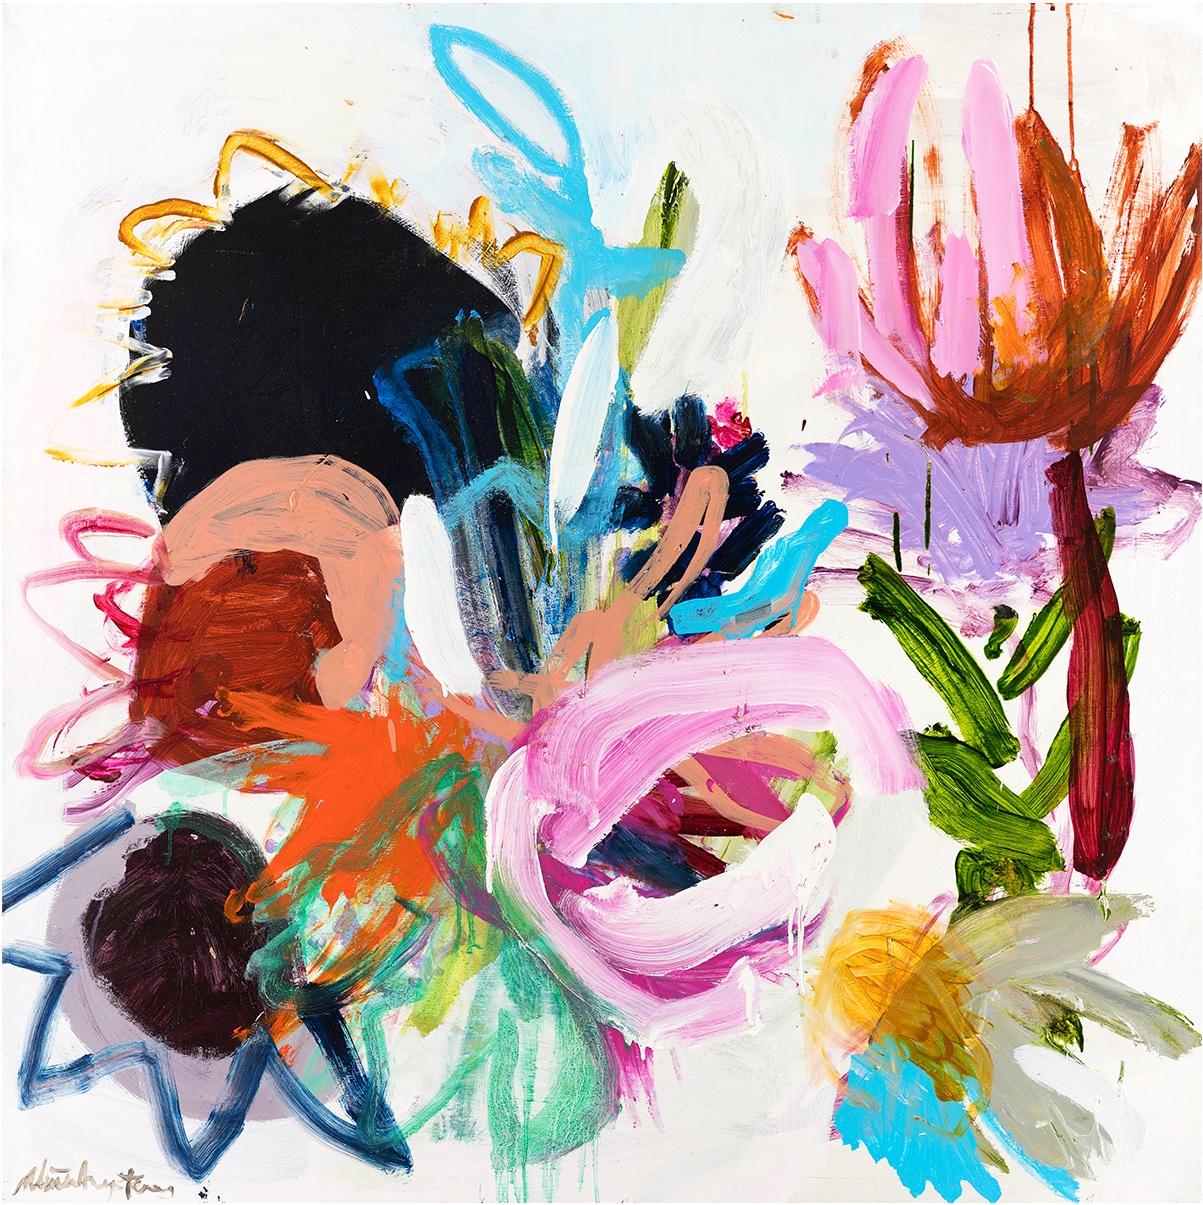 'Still Life #2' by Ali McNabney-Stevens